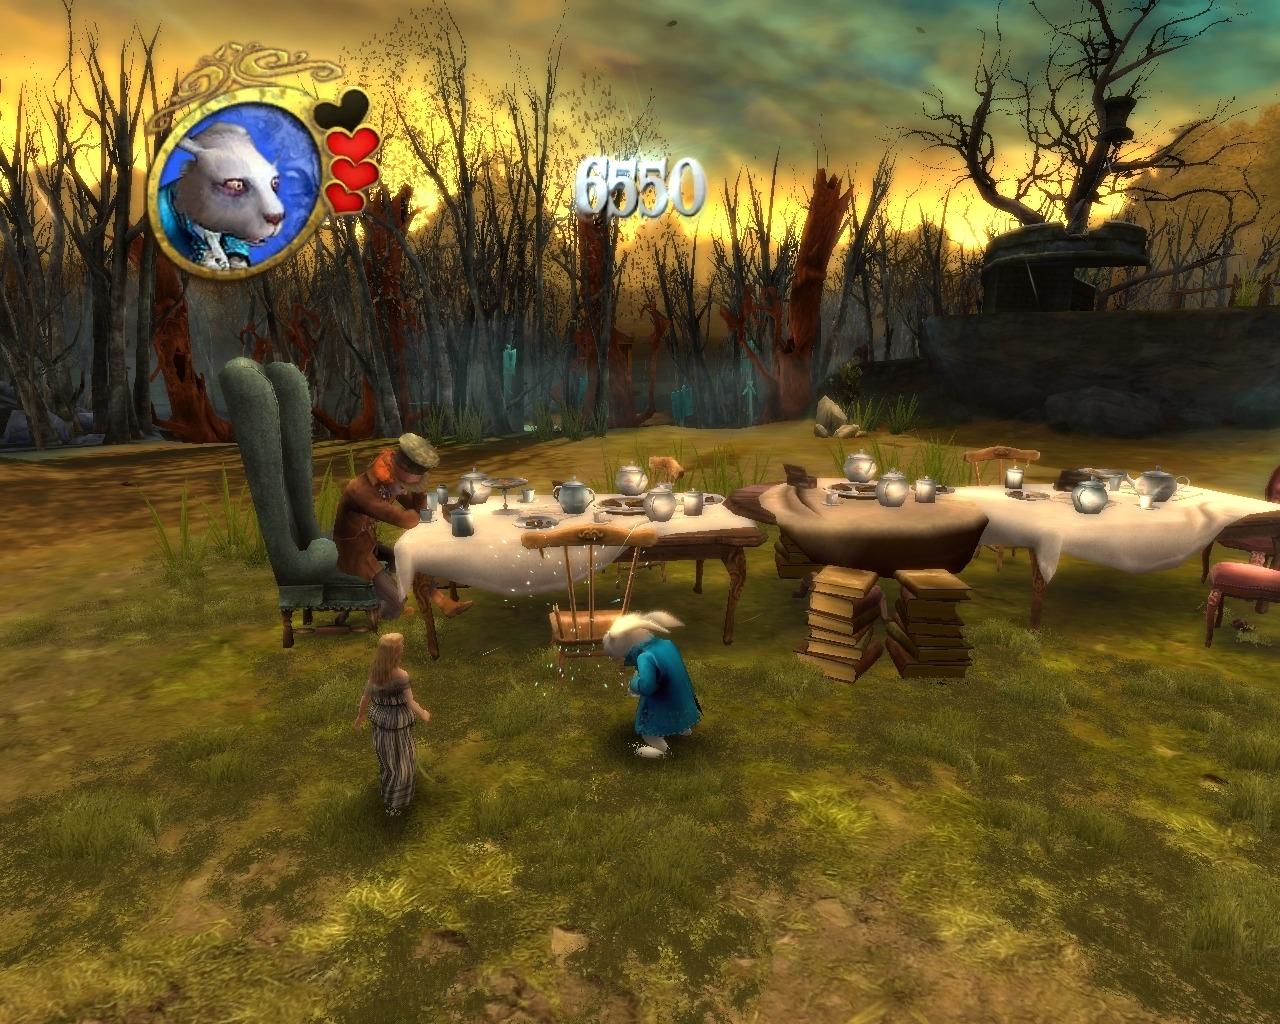 Jeuxvideo.com alice au pays des merveilles - pc image 6 sur 130